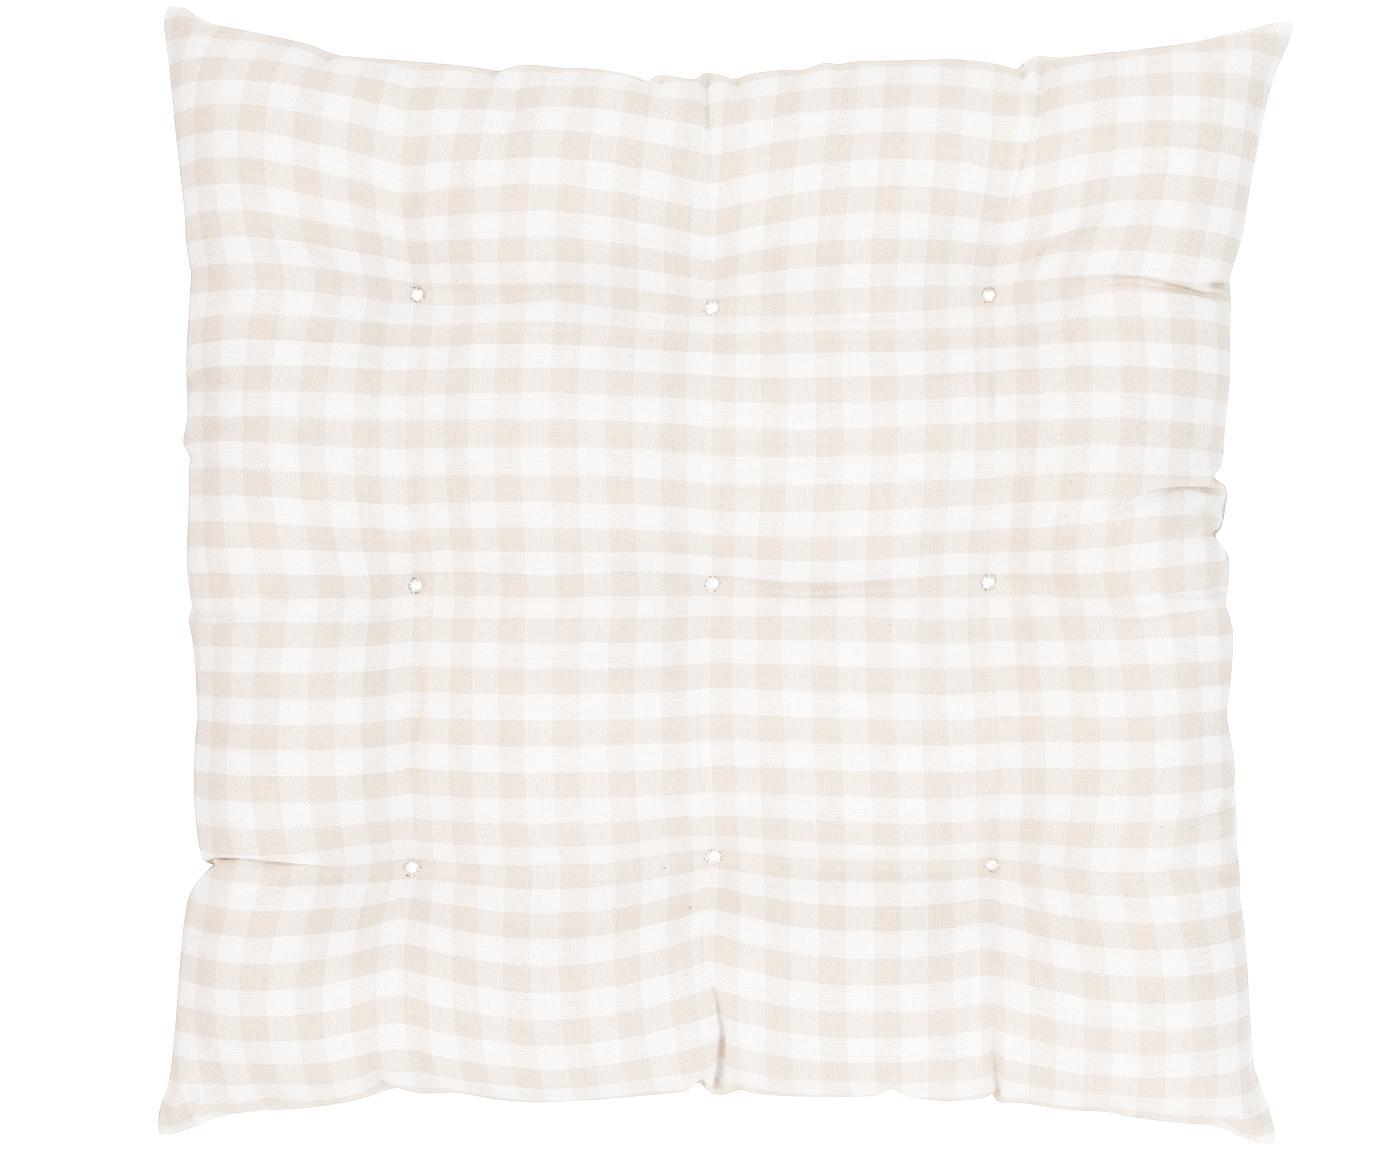 Poduszka na siedzisko Karolin, Beżowy, kremowobiały, S 40 x D 40 cm